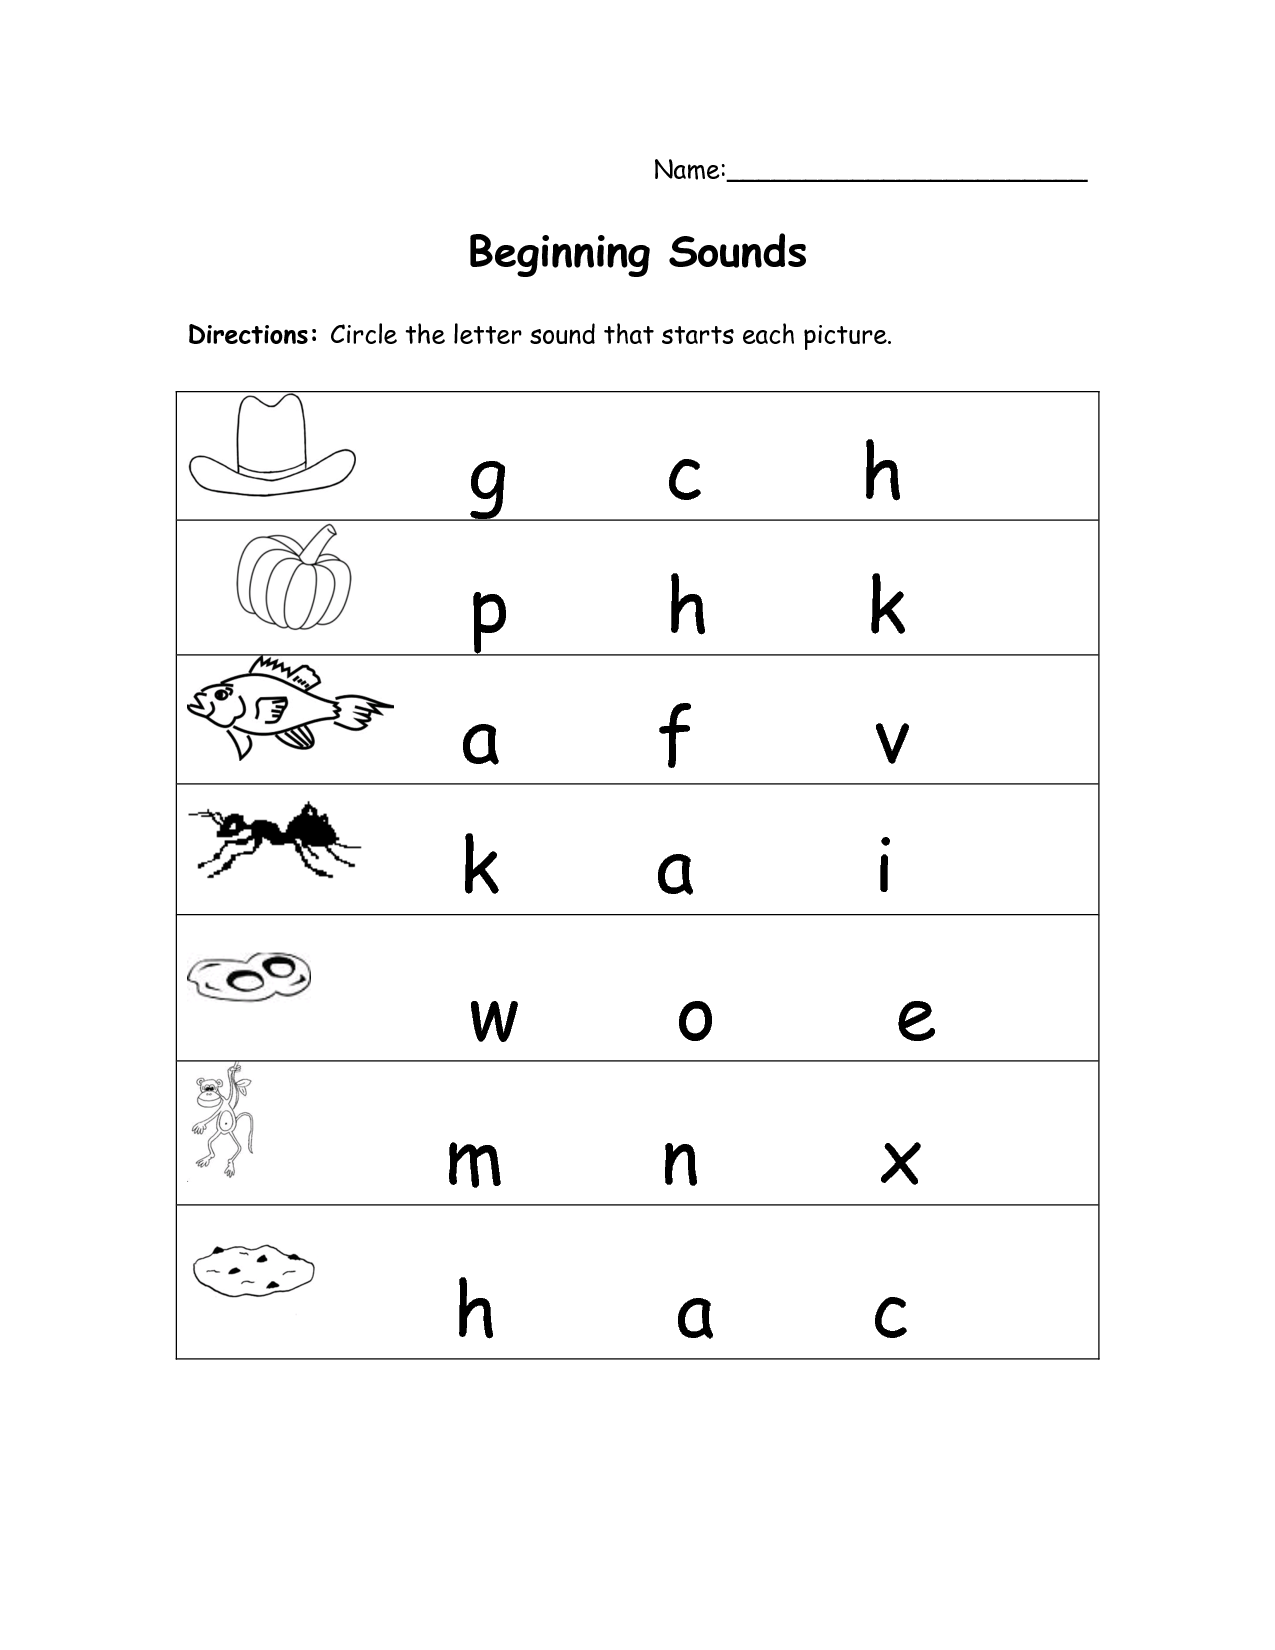 Worksheet Worksheets For Beginning Sounds printable beginning sounds worksheets memarchoapraga